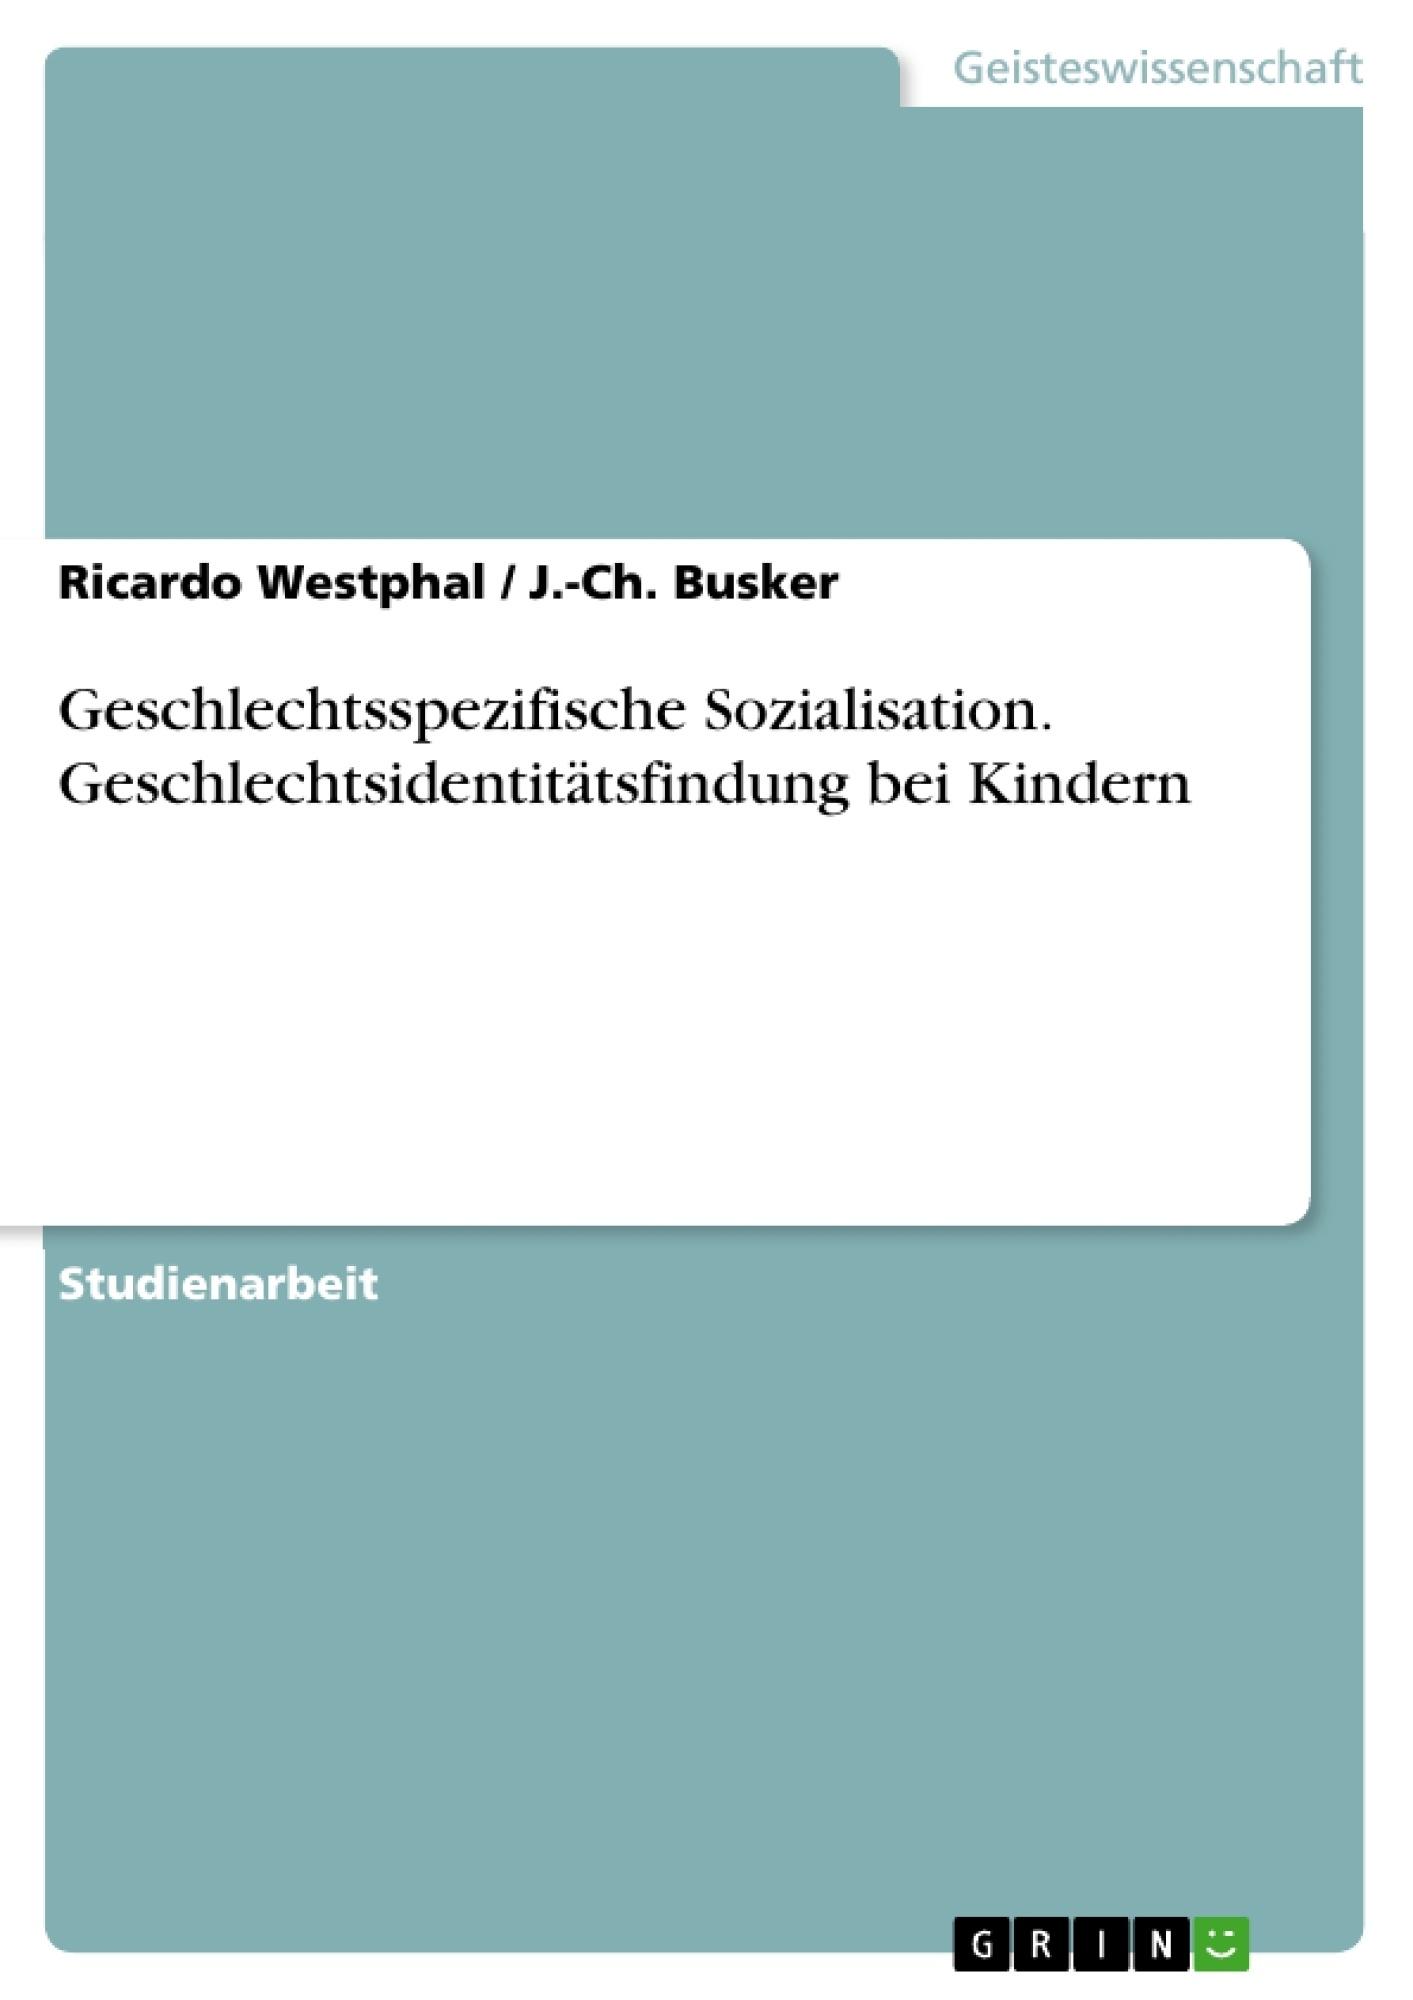 Titel: Geschlechtsspezifische Sozialisation. Geschlechtsidentitätsfindung bei Kindern